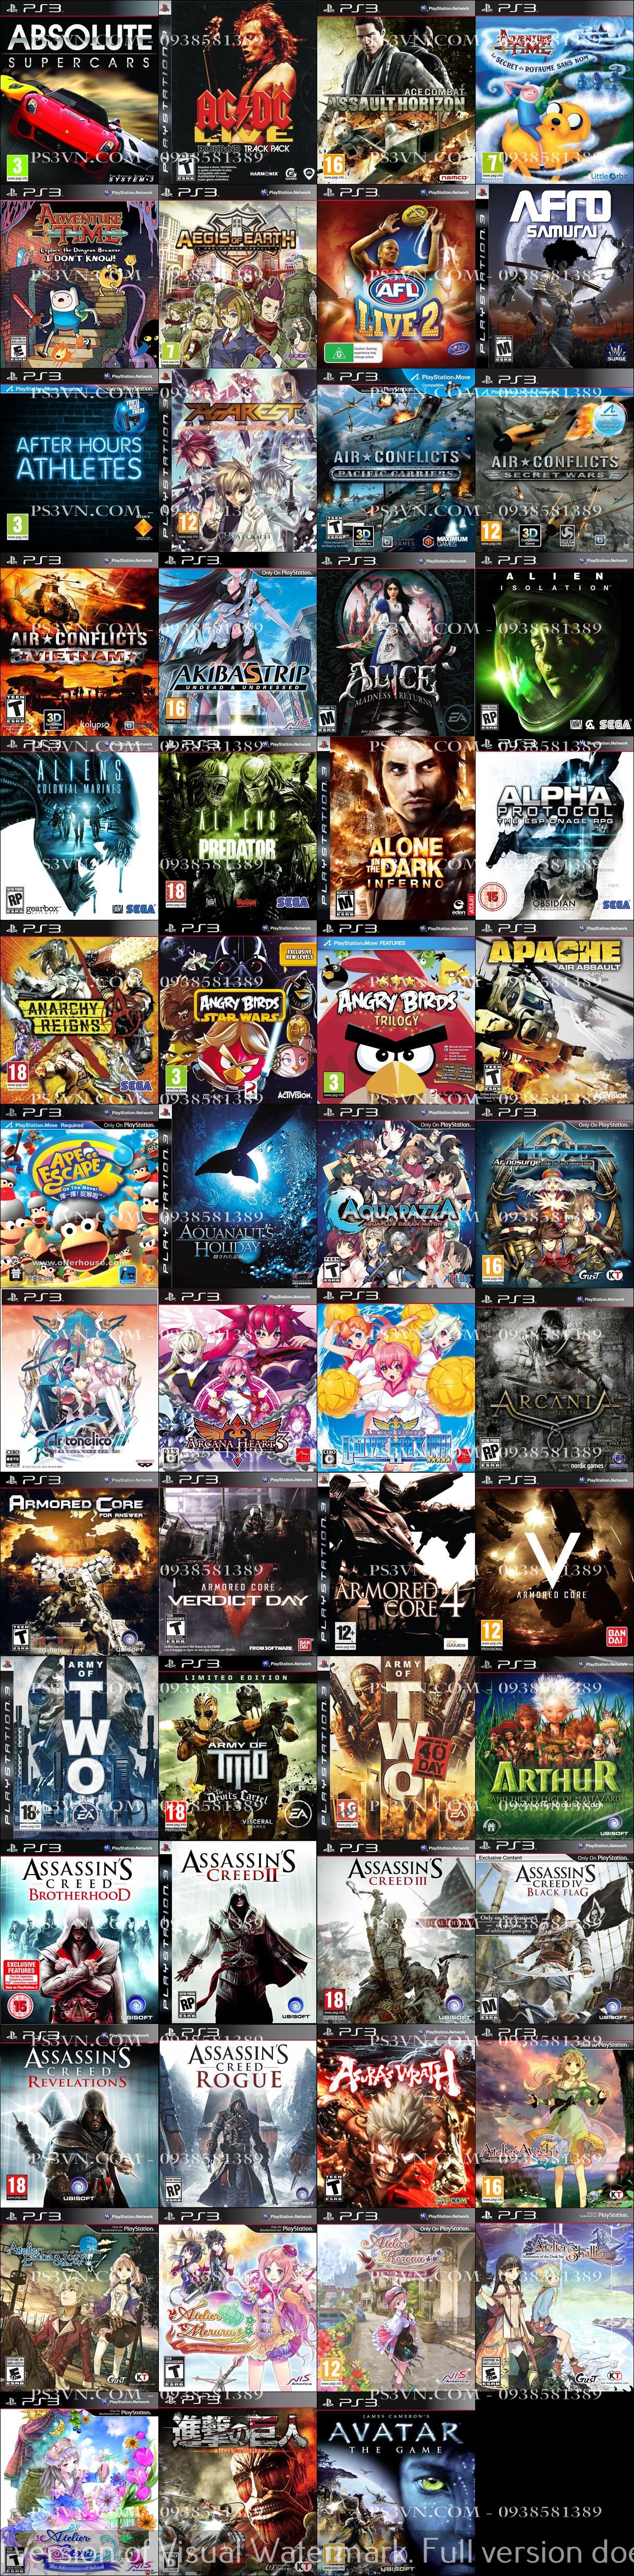 Chép Game PS3 tại nhà giá rẻ nhất TPHCM - PS3VN.COM - 3